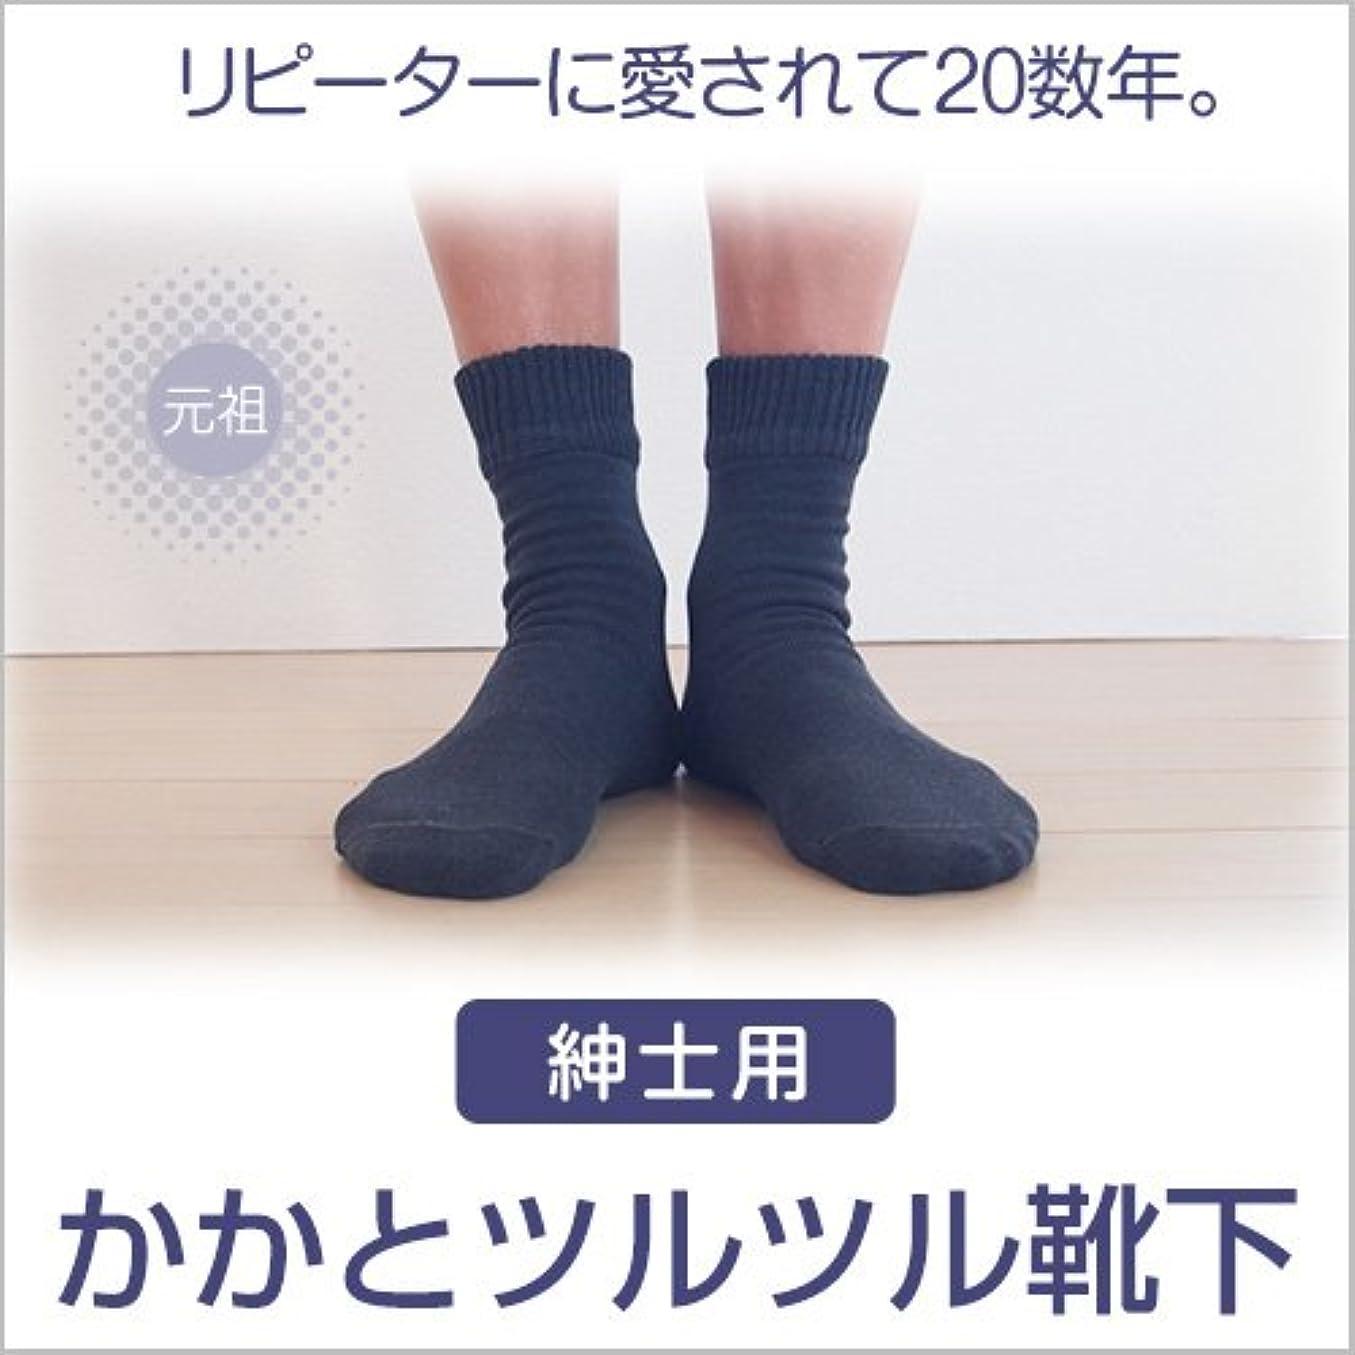 スポンサー達成可能息を切らして男性用 かかと ツルツル 靴下 ブラック 24-26cm 角質 ケア ひび割れ対策 太陽ニット 700